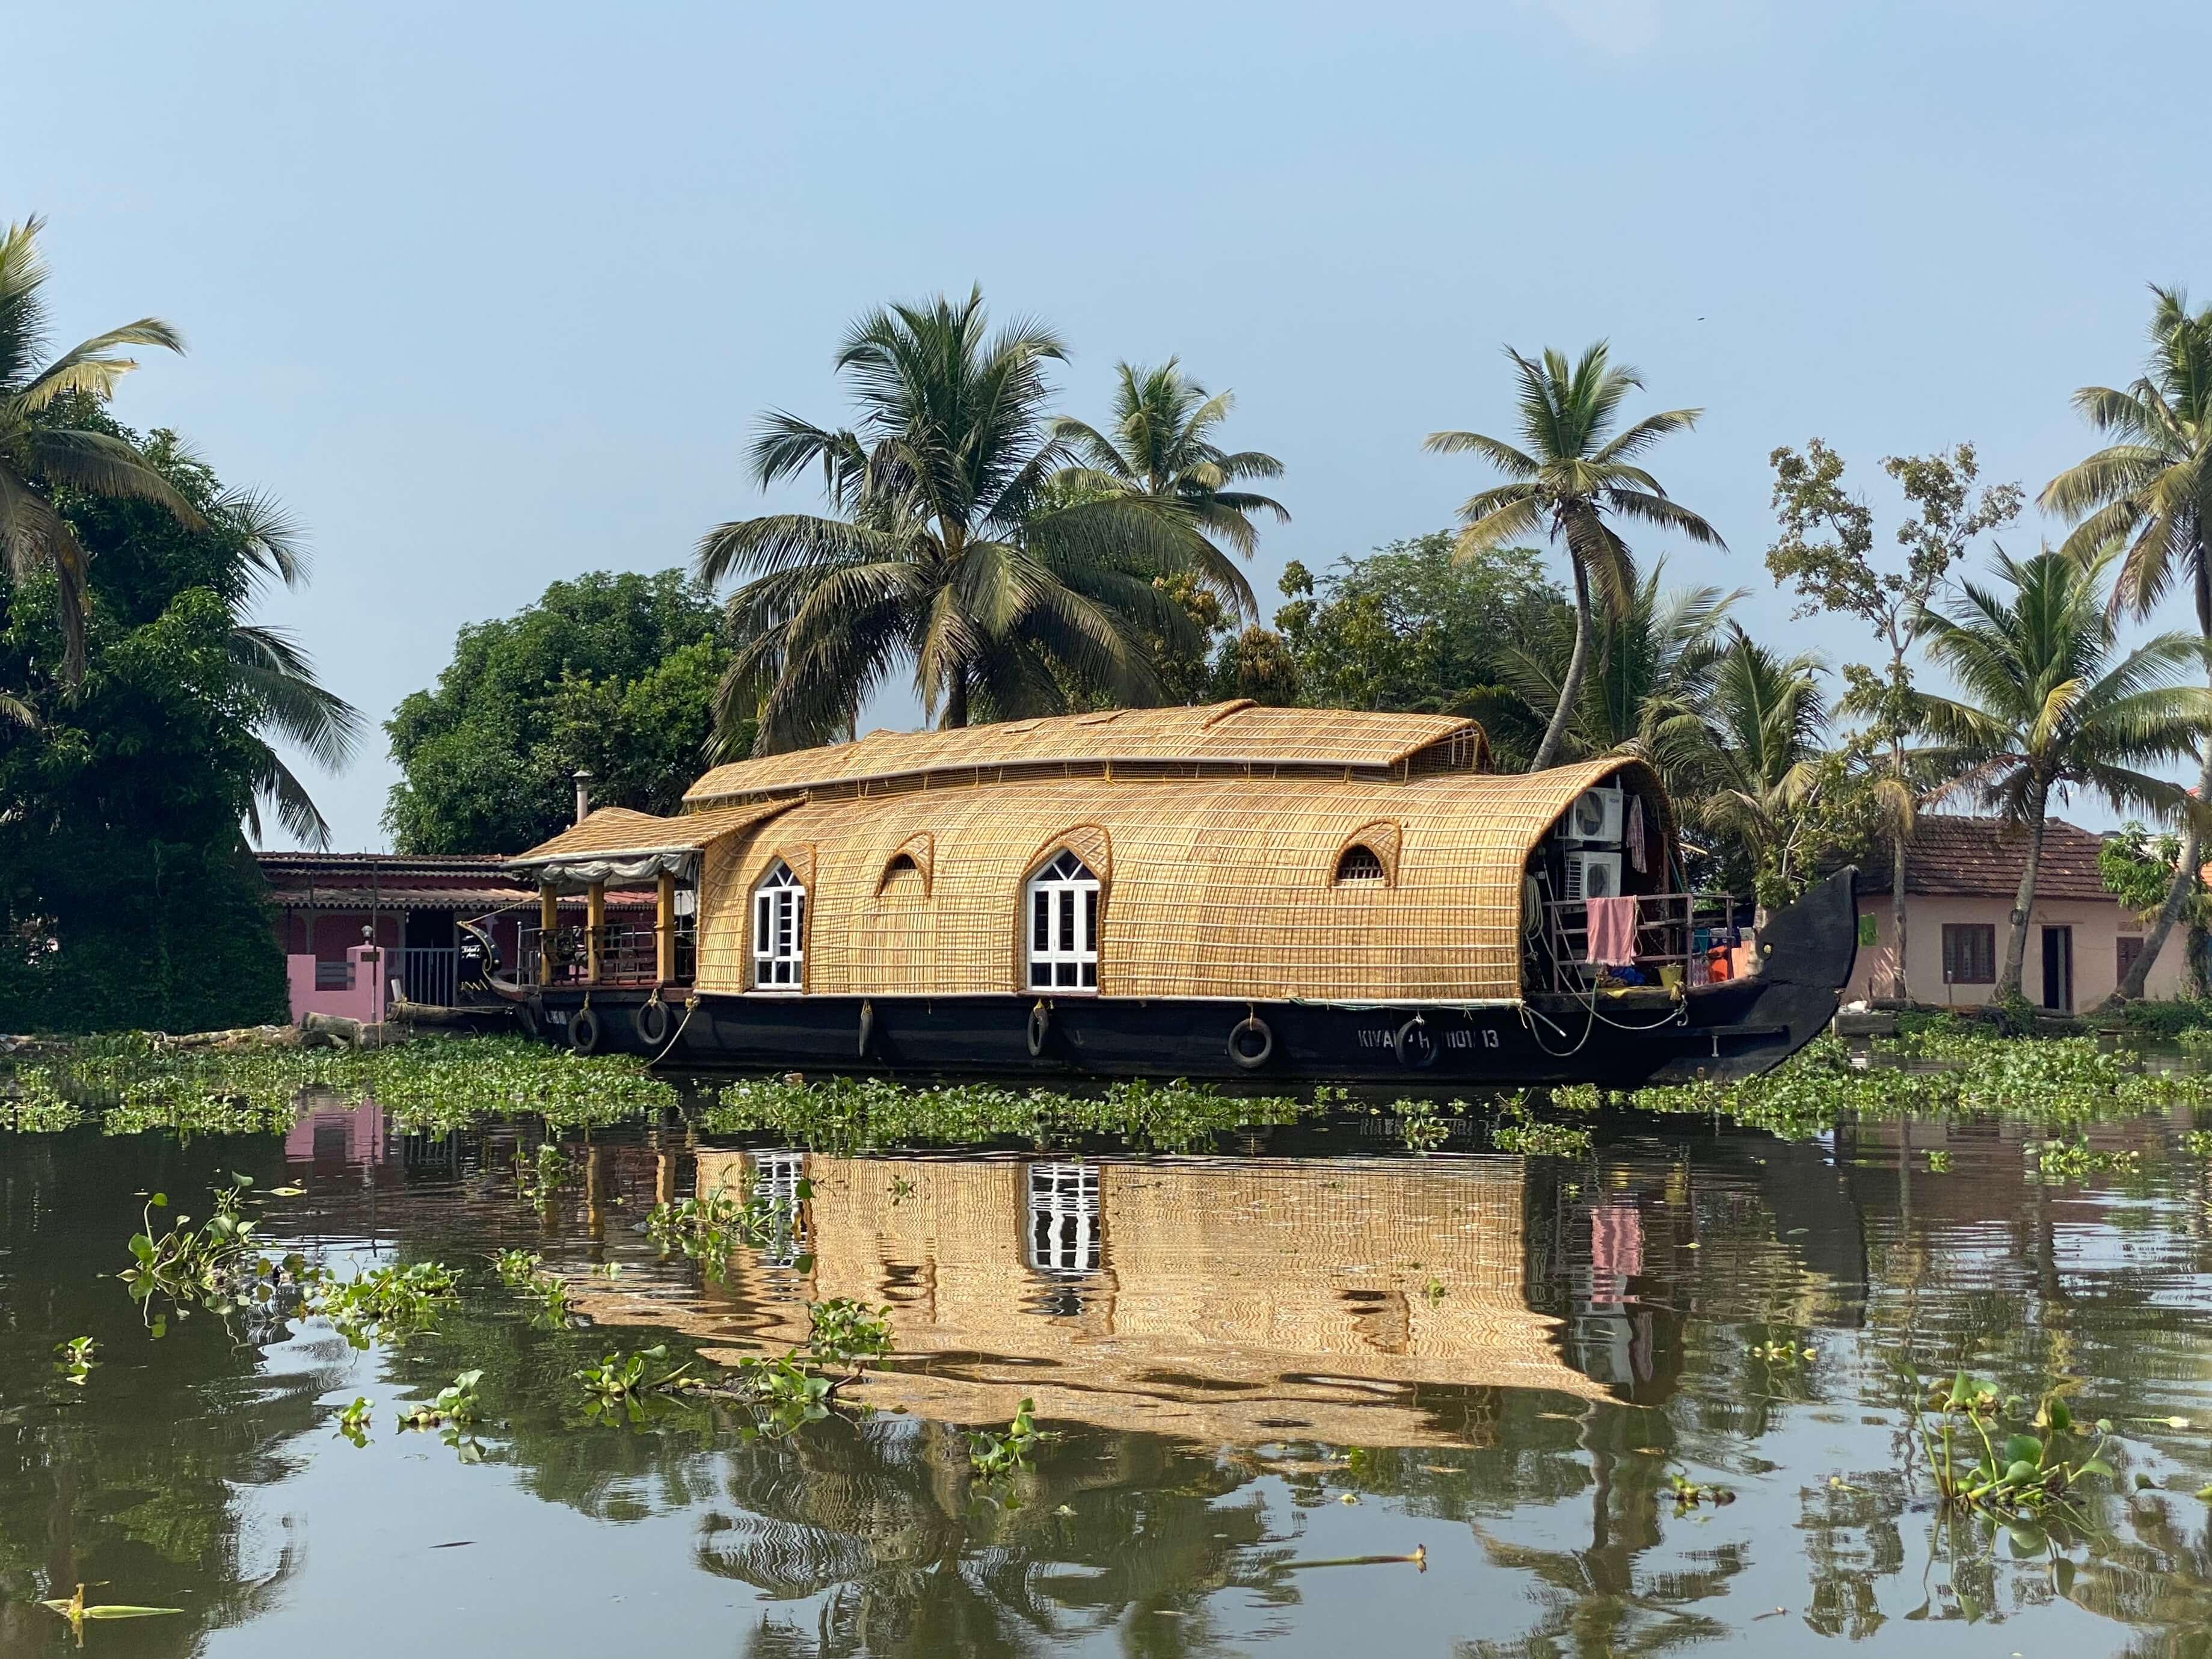 Kerala Backwaters Houseboat in Alleppey.